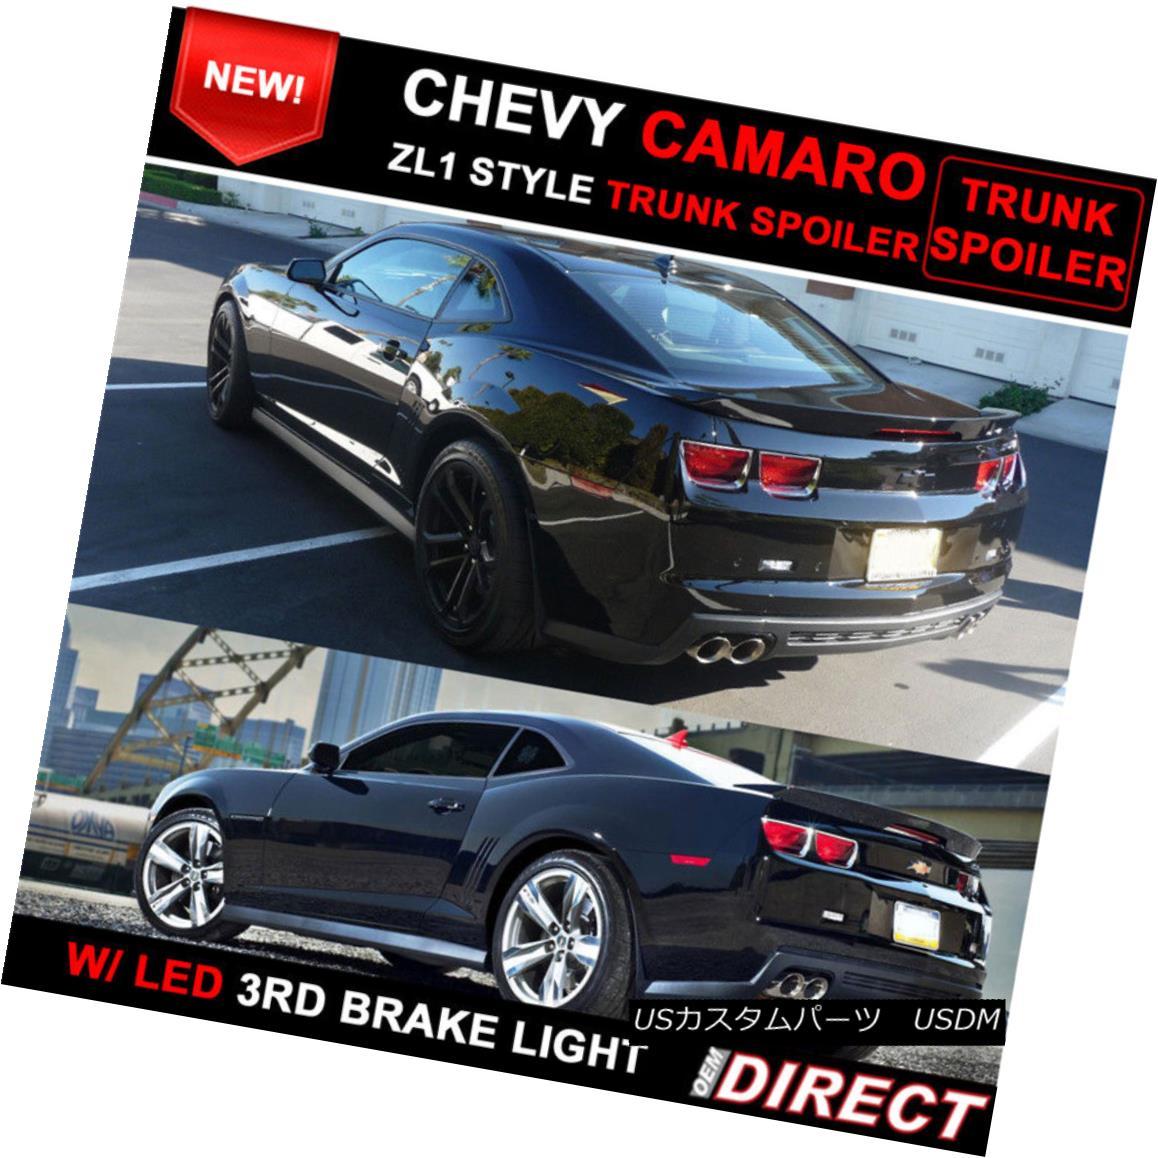 エアロパーツ 10-13 Chevrolet Camaro ZL1 Style Trunk Spoiler Painted Black WA8555 10-13シボレーカマロZL1スタイルのトランク・スポイラー・ペイント・ブラックWA8555